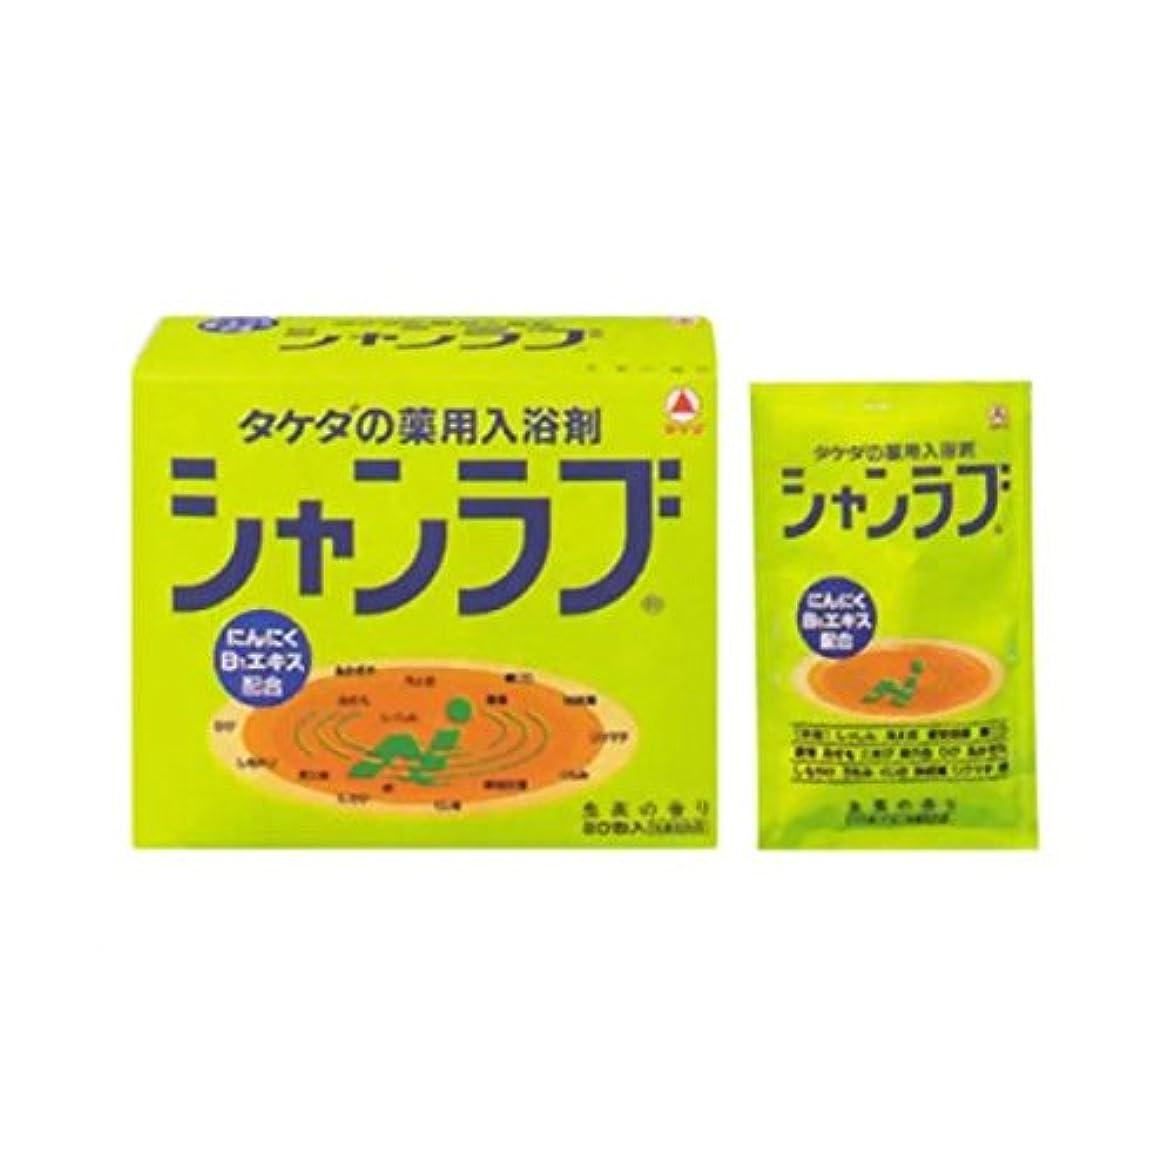 スリラーケーブルカーうんざり【2個】 シャンラブ 生薬の香り (30g×30包)x2個 (4987123129640)